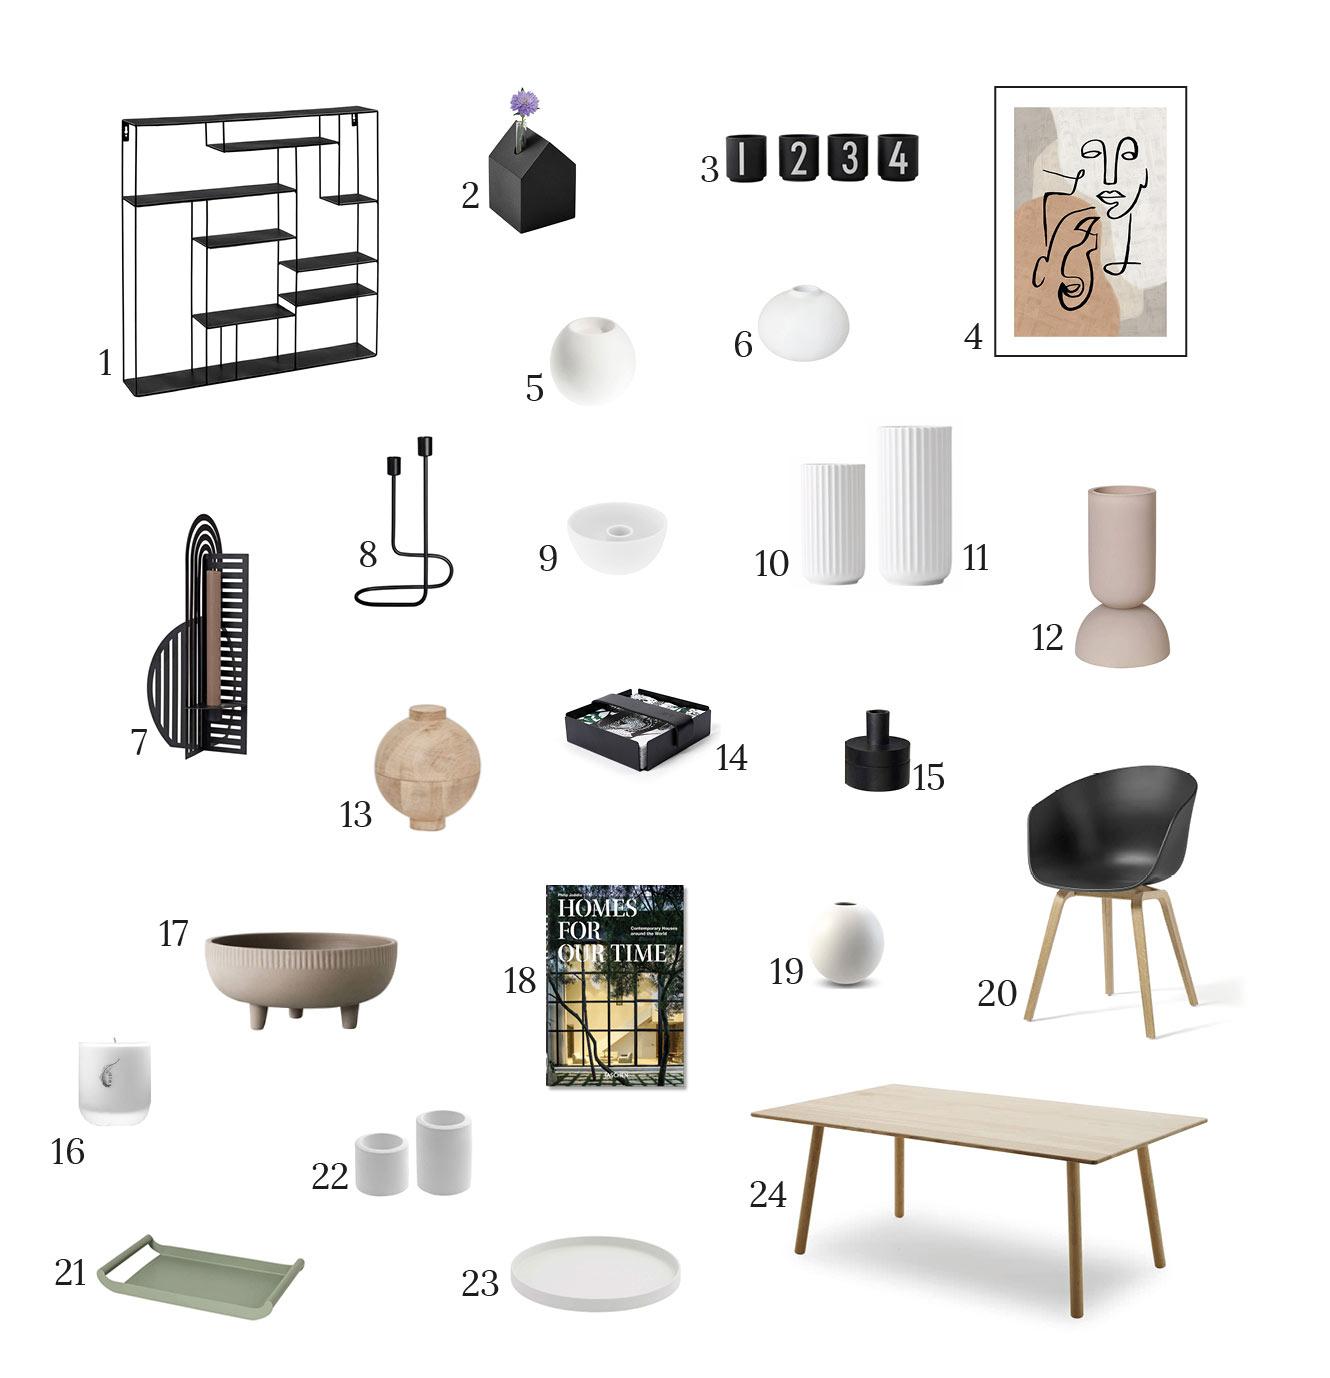 Produktauswahl für Sideboard Dekoration